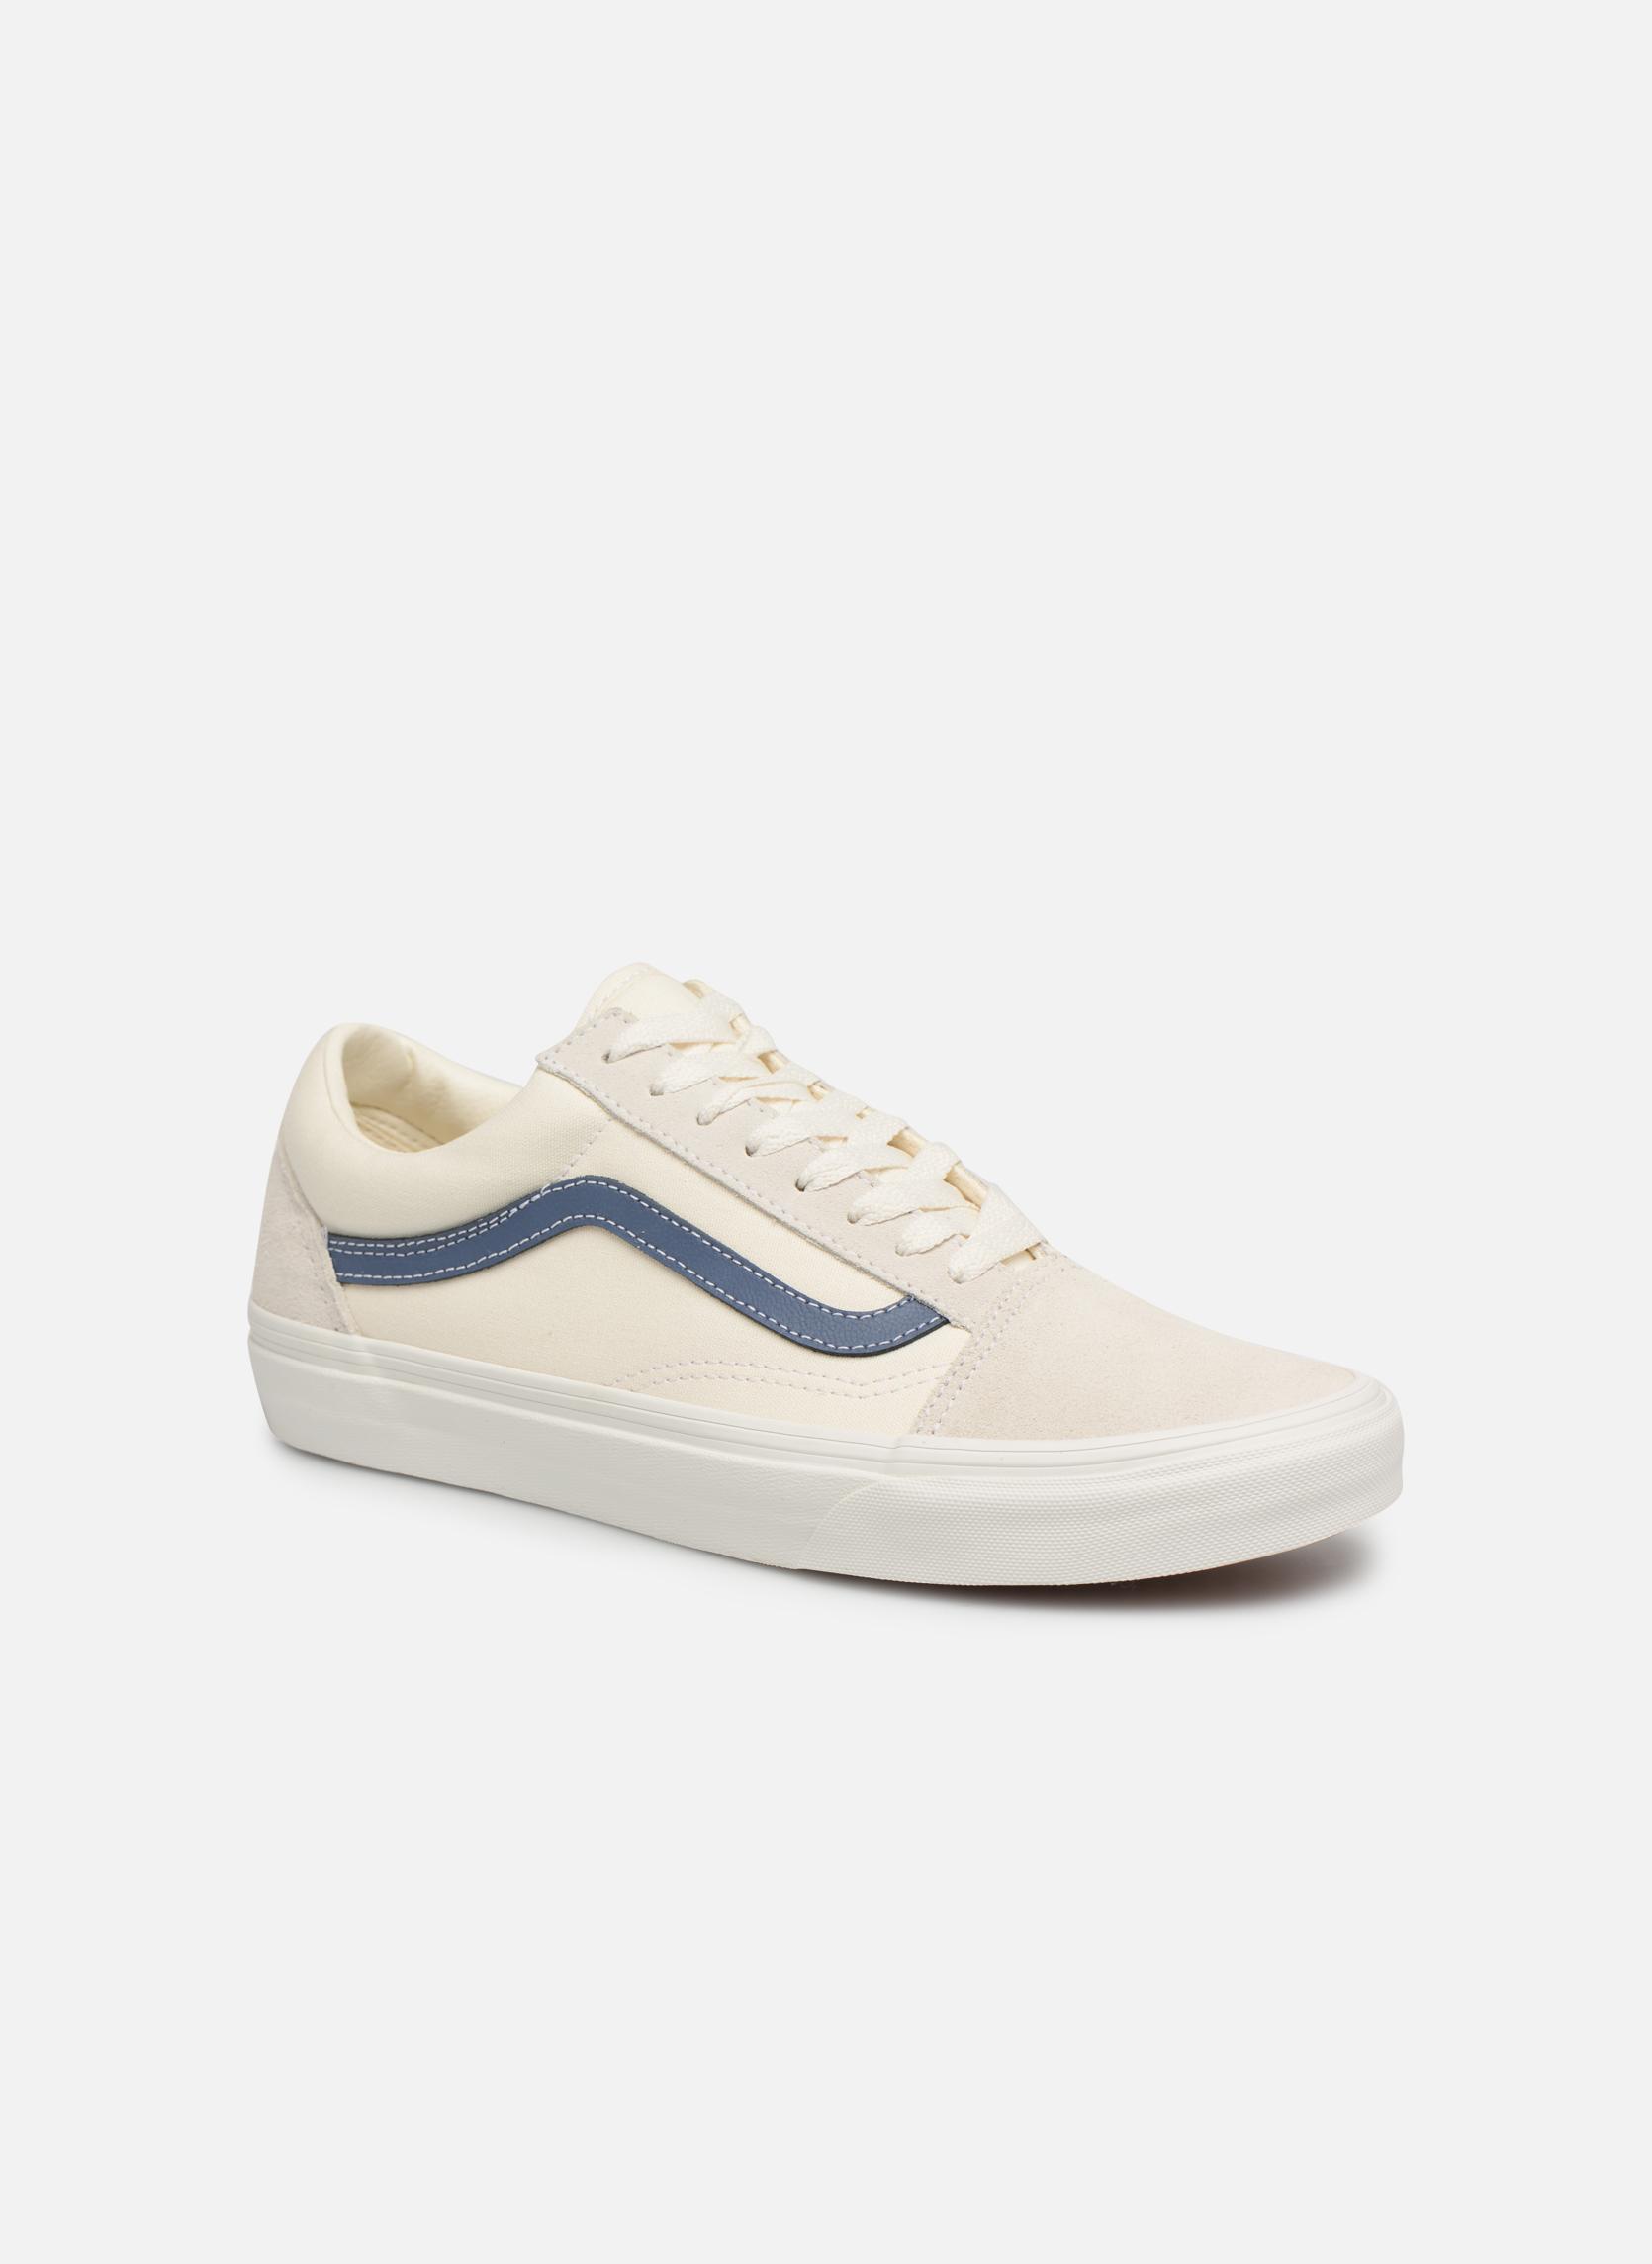 Vintage white/Vintage indigo